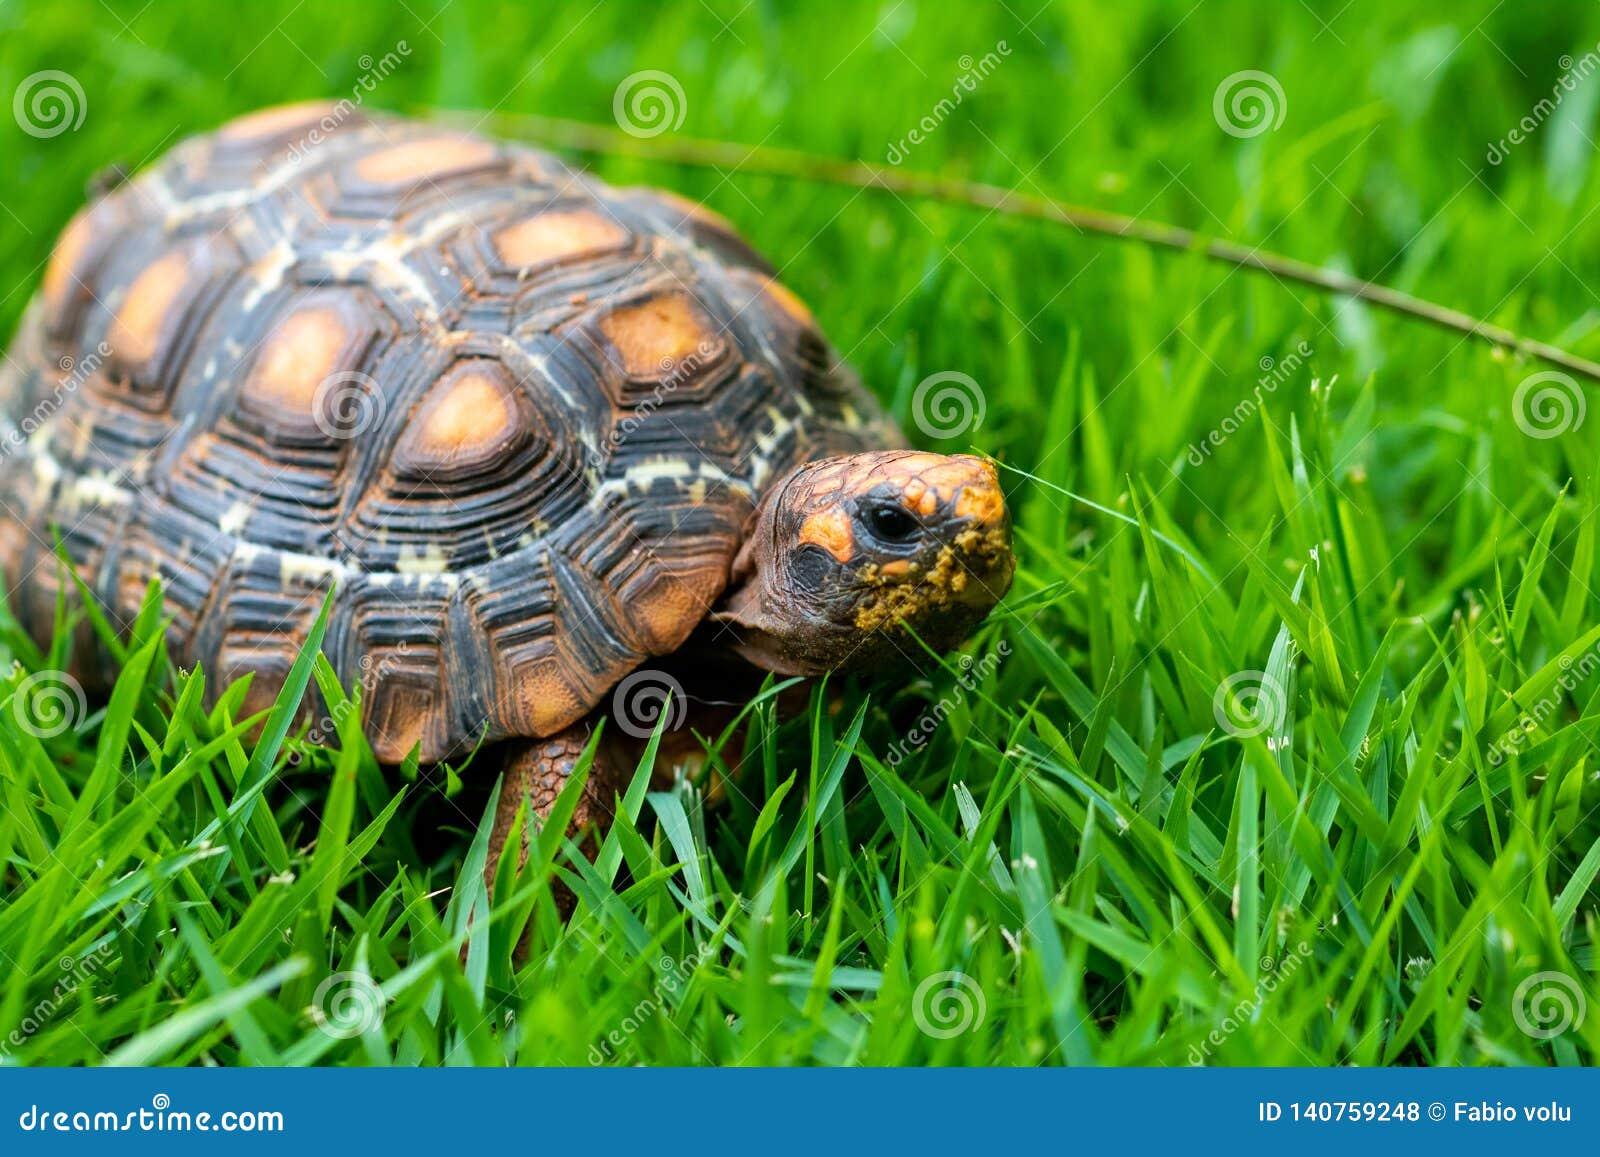 Groen en oranje Jabuti/Schildpad, stil op het gras die met het landschap camoufleren,